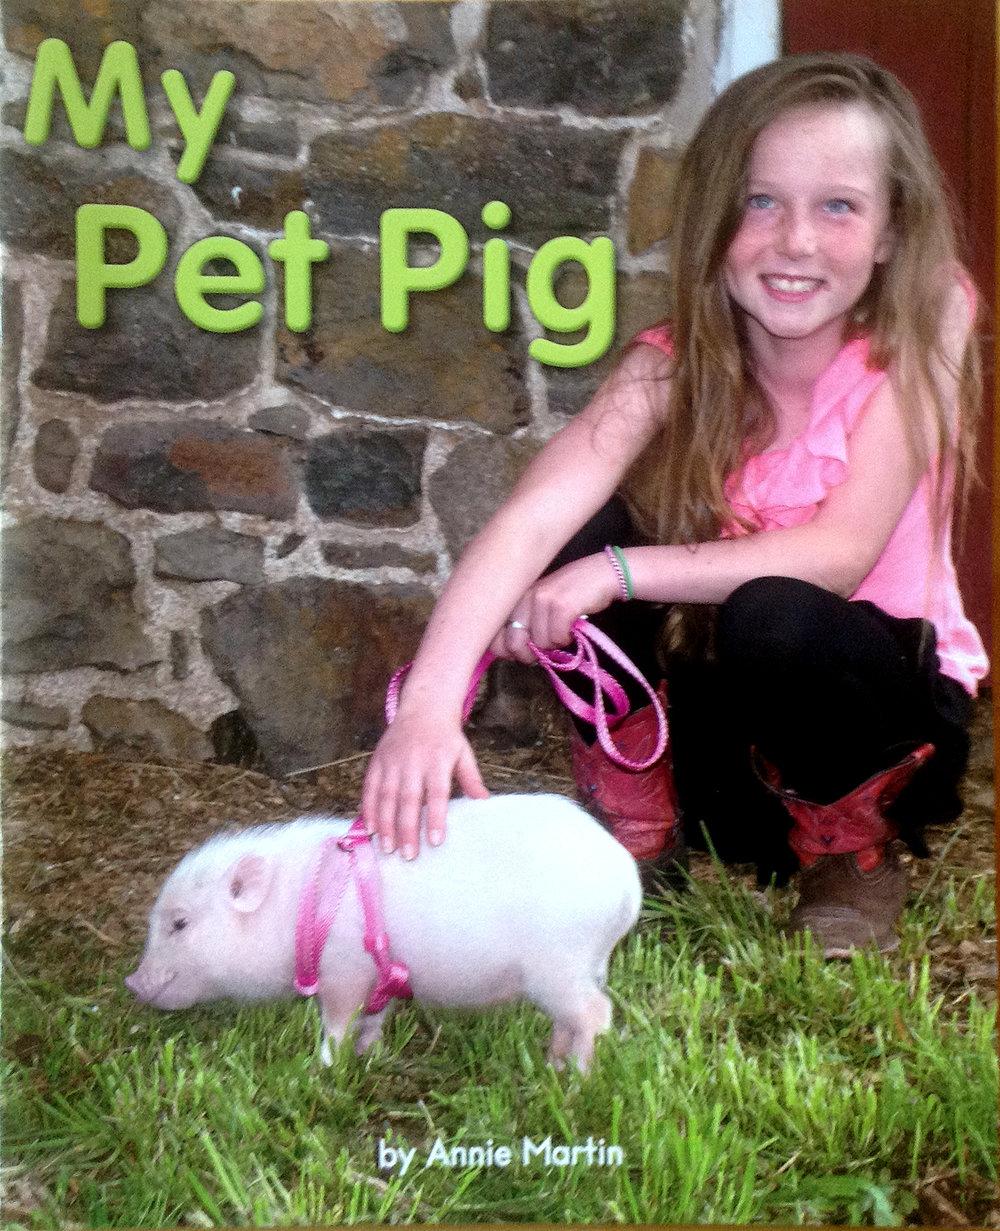 My Pet Pig.jpg